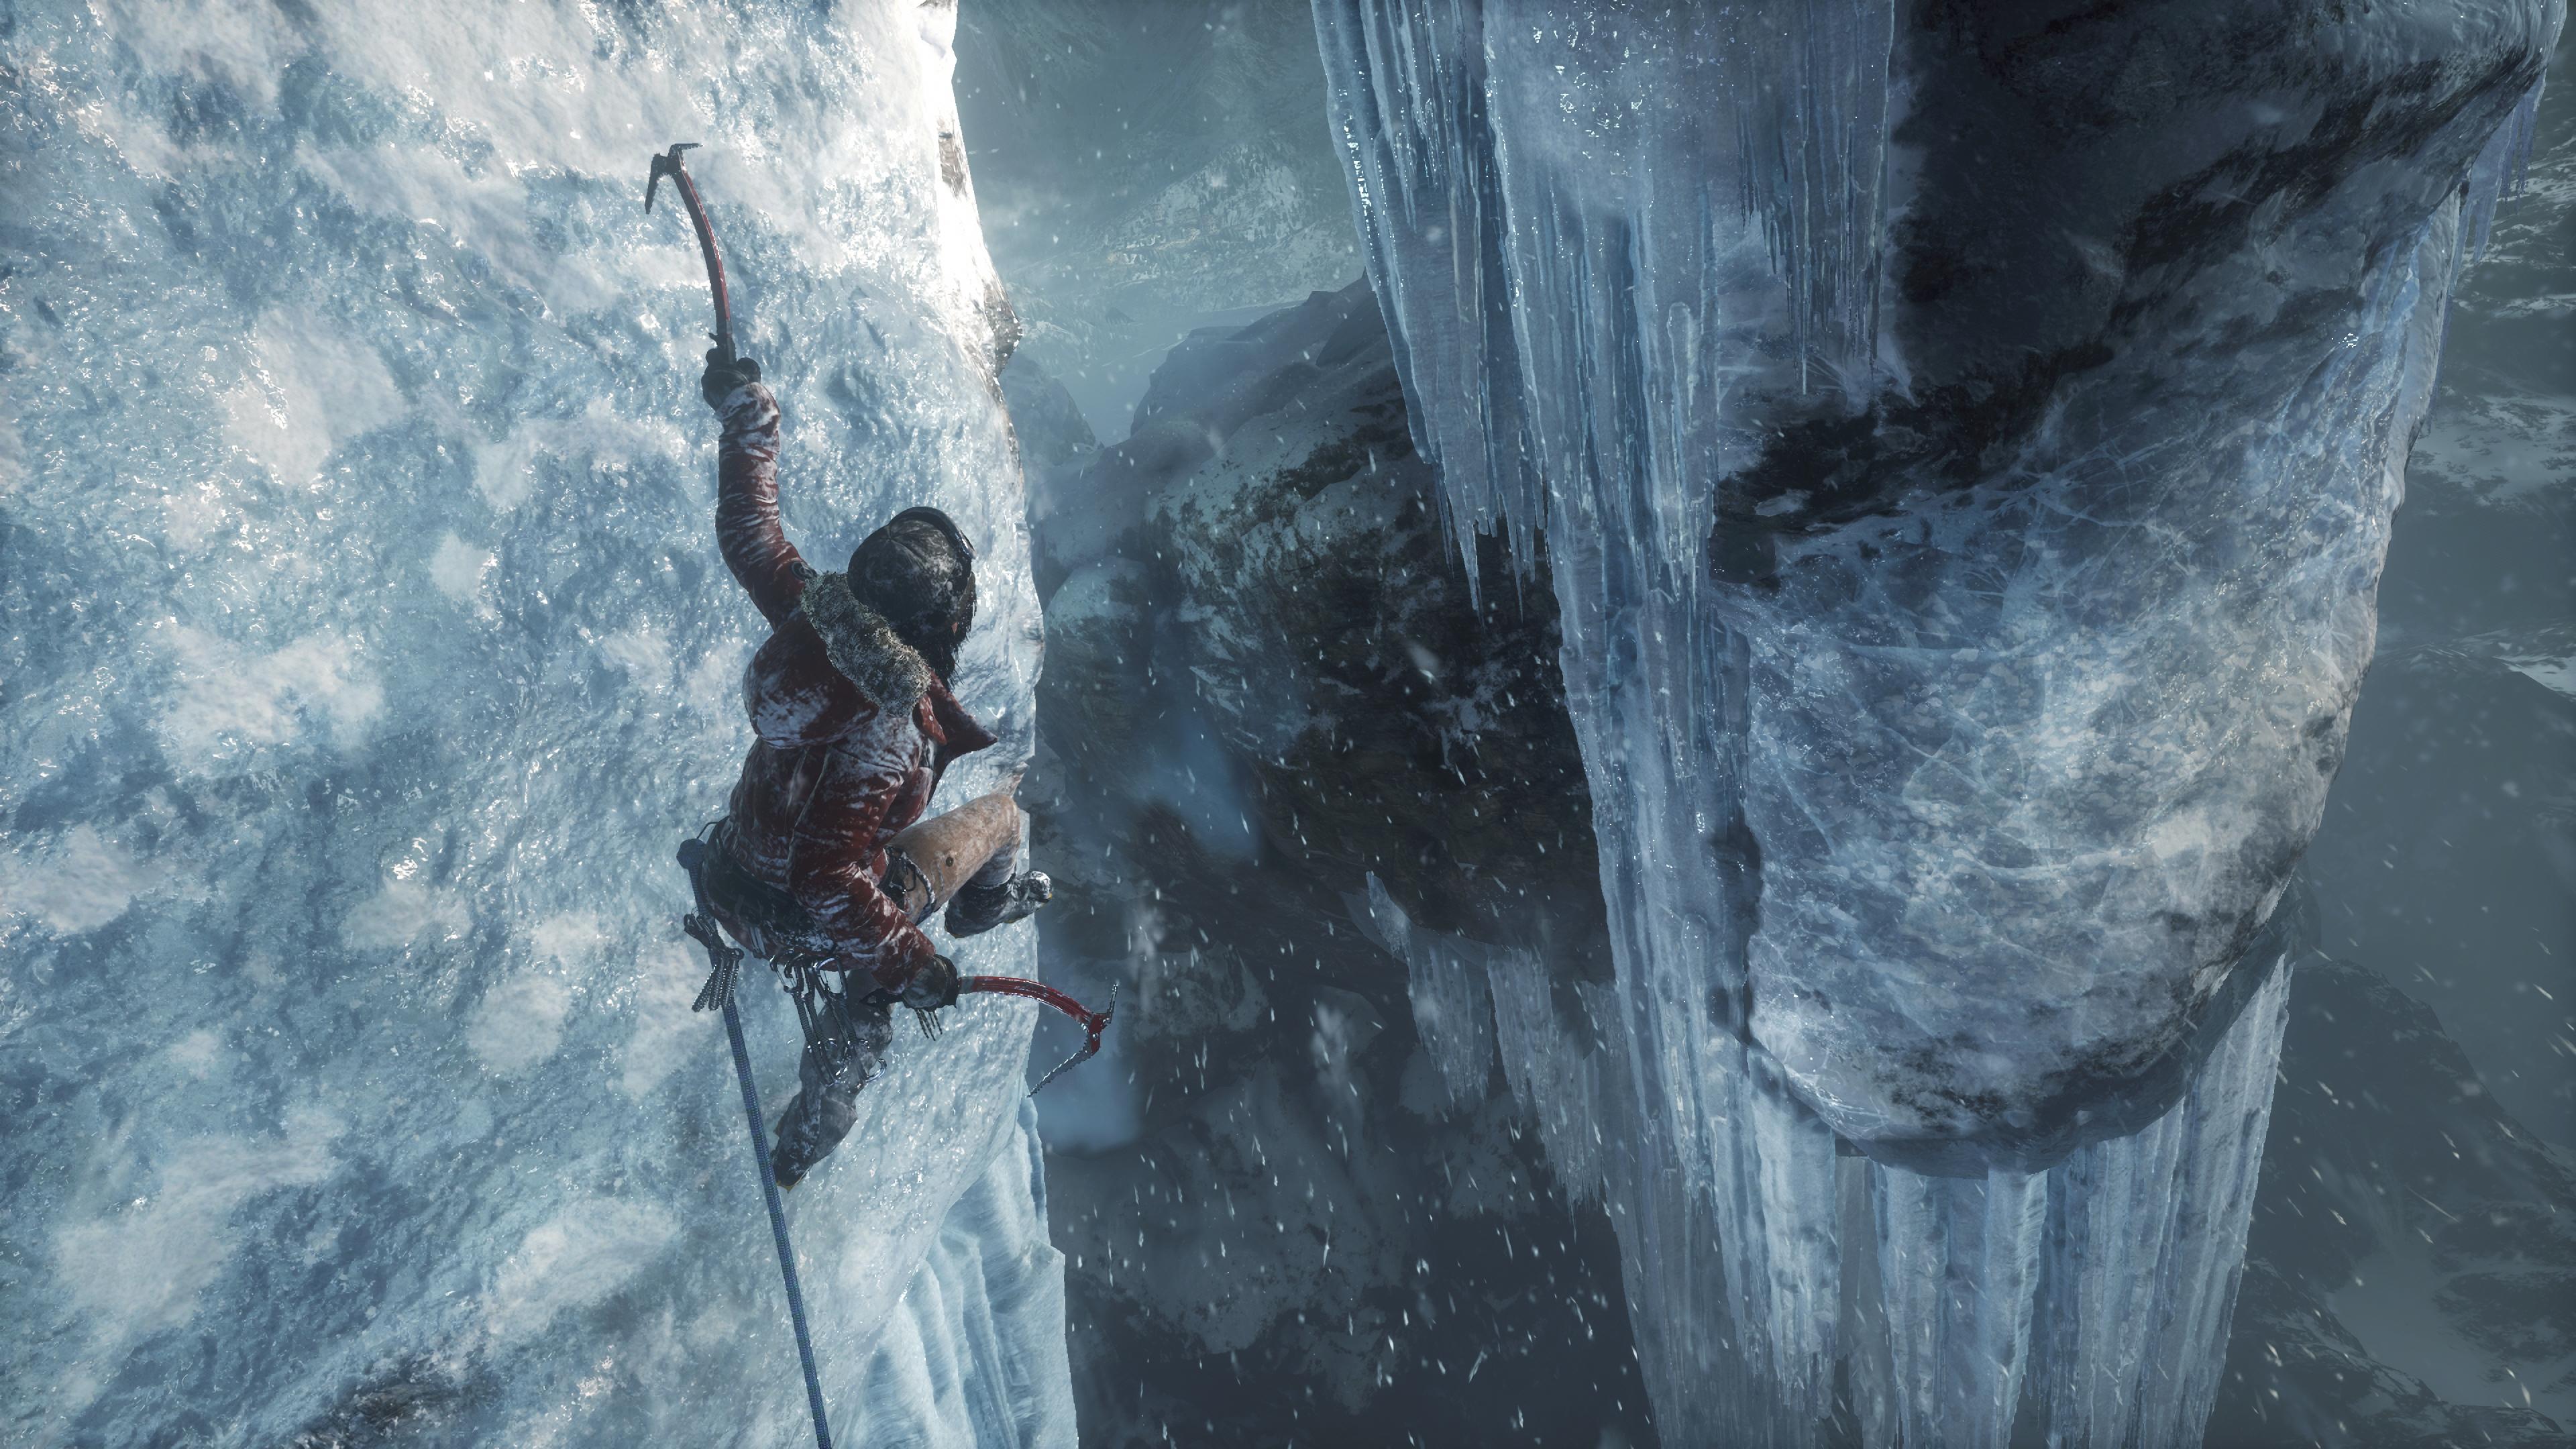 Rise of the Tomb Raider криншот с NVIDIA Ansel - Rise of the Tomb Raider